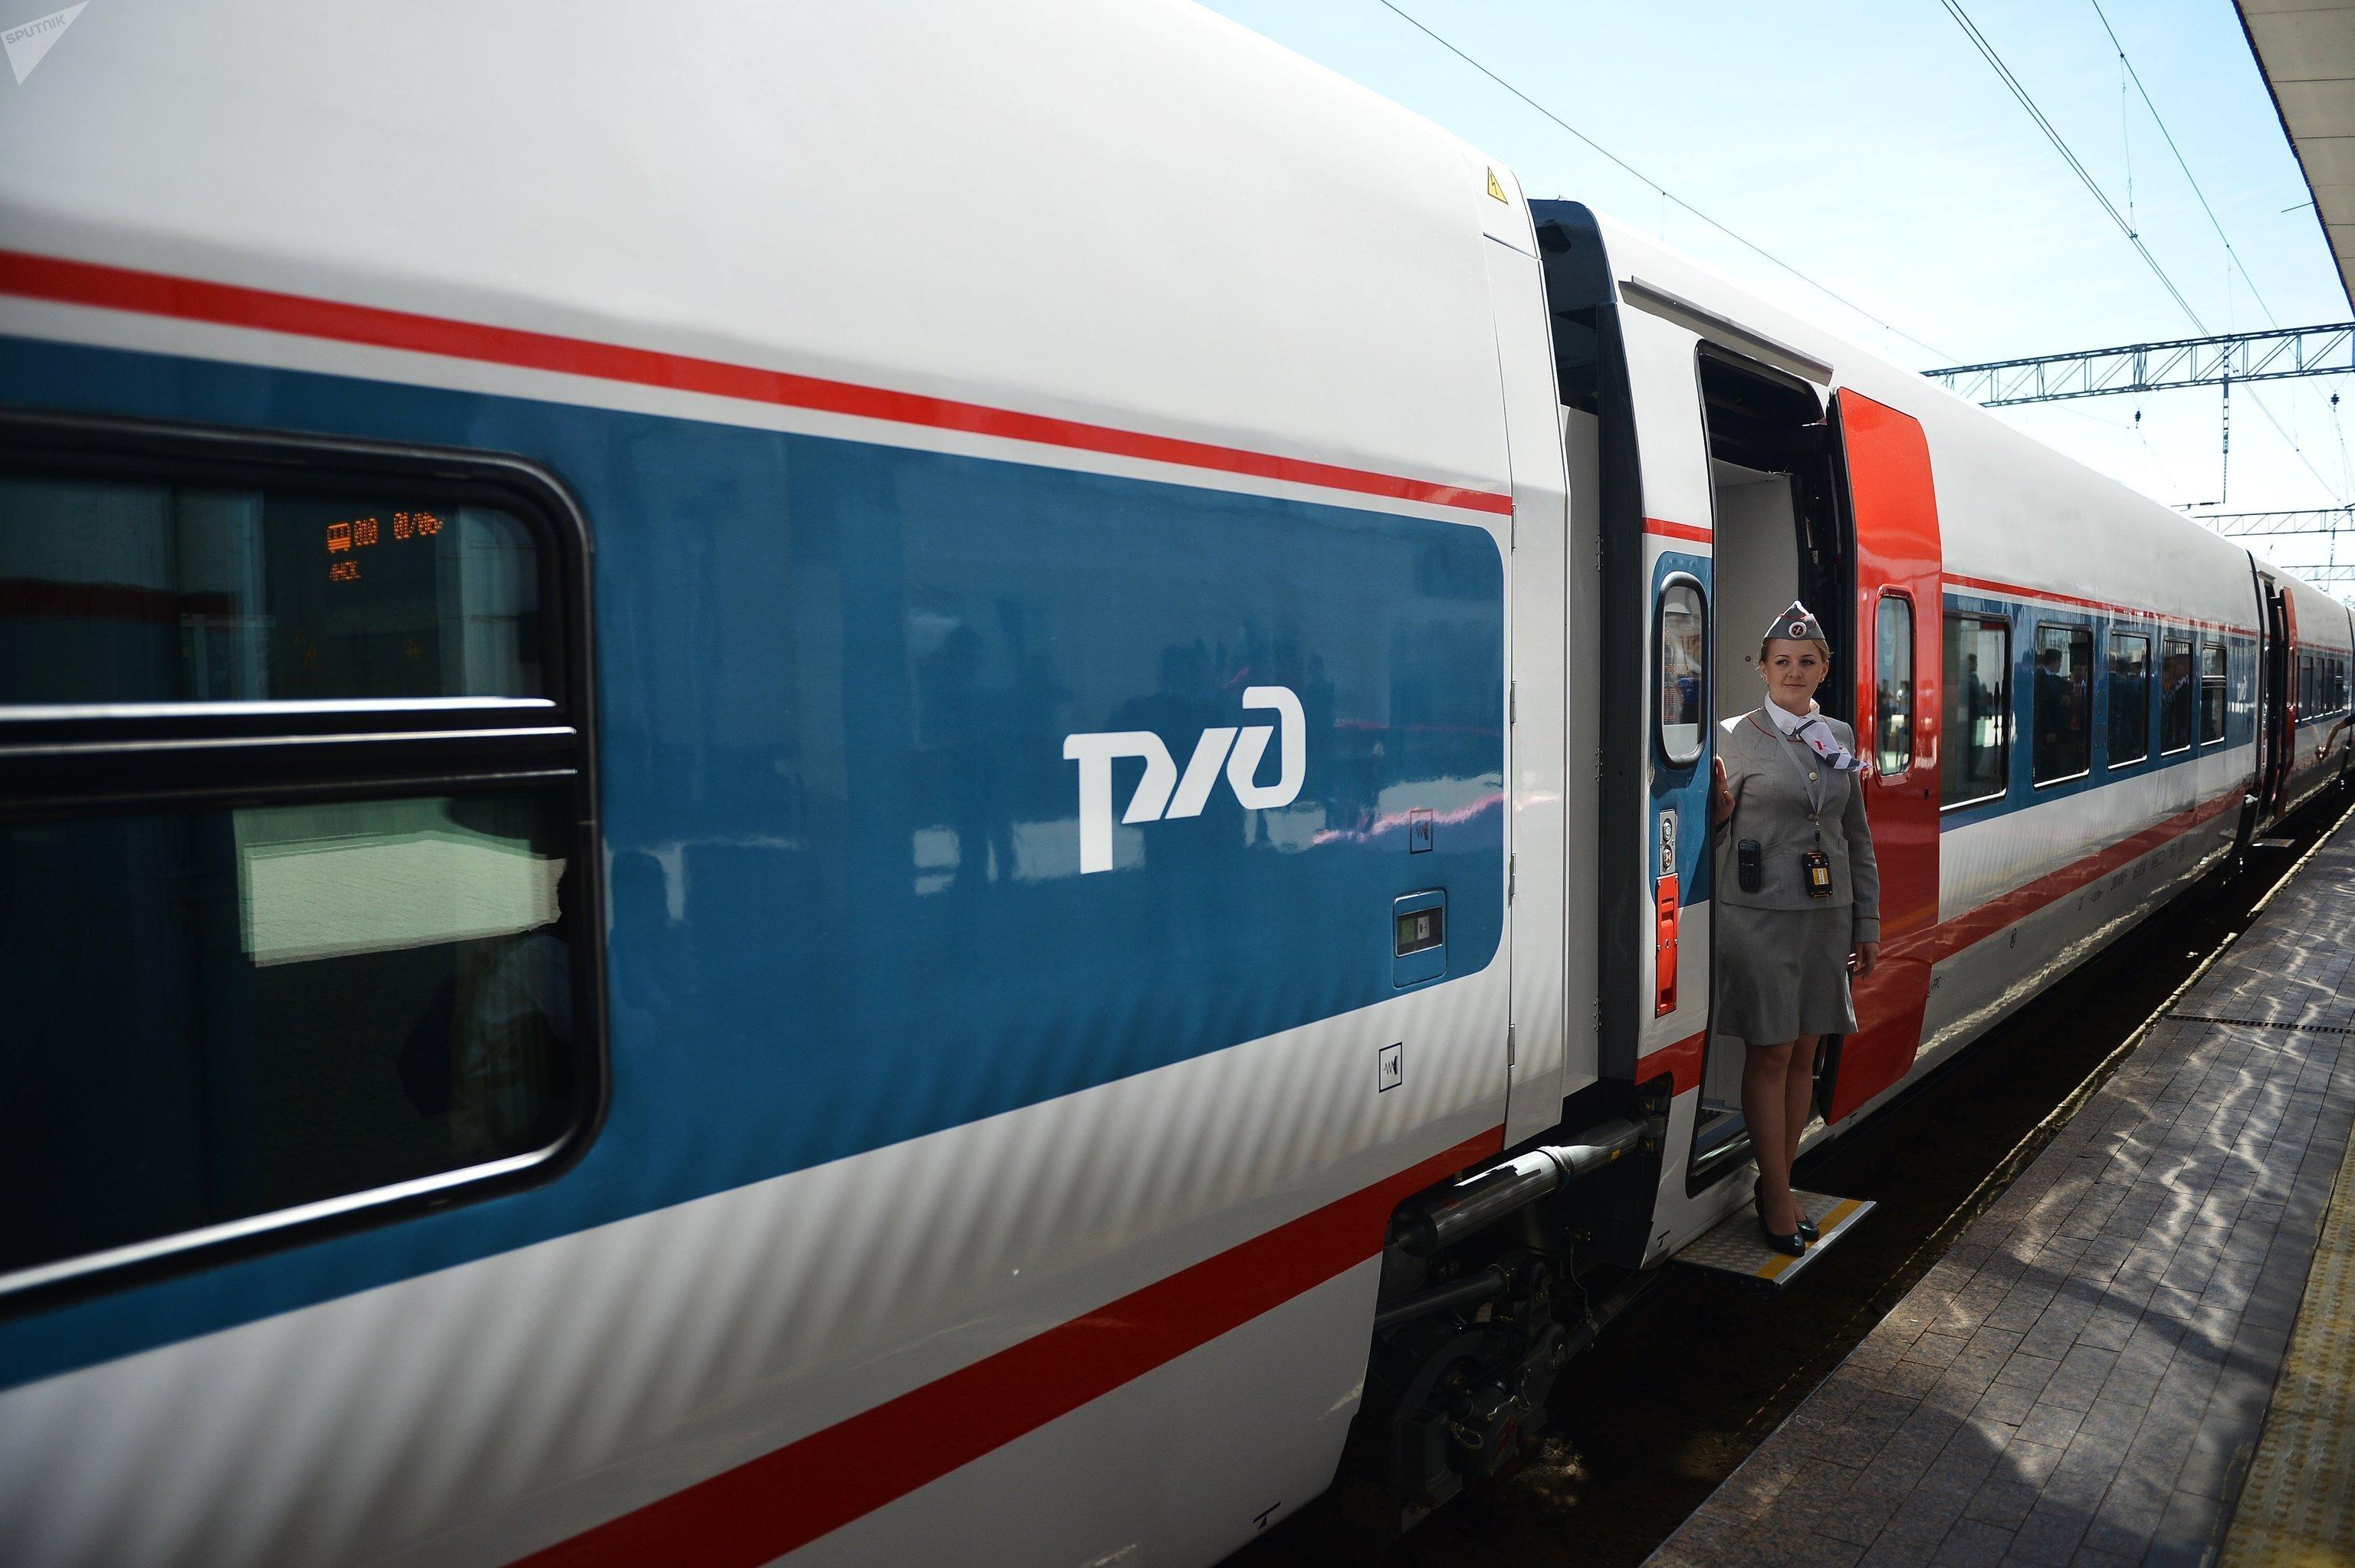 Le train à grande vitesse Berlin-Moscou